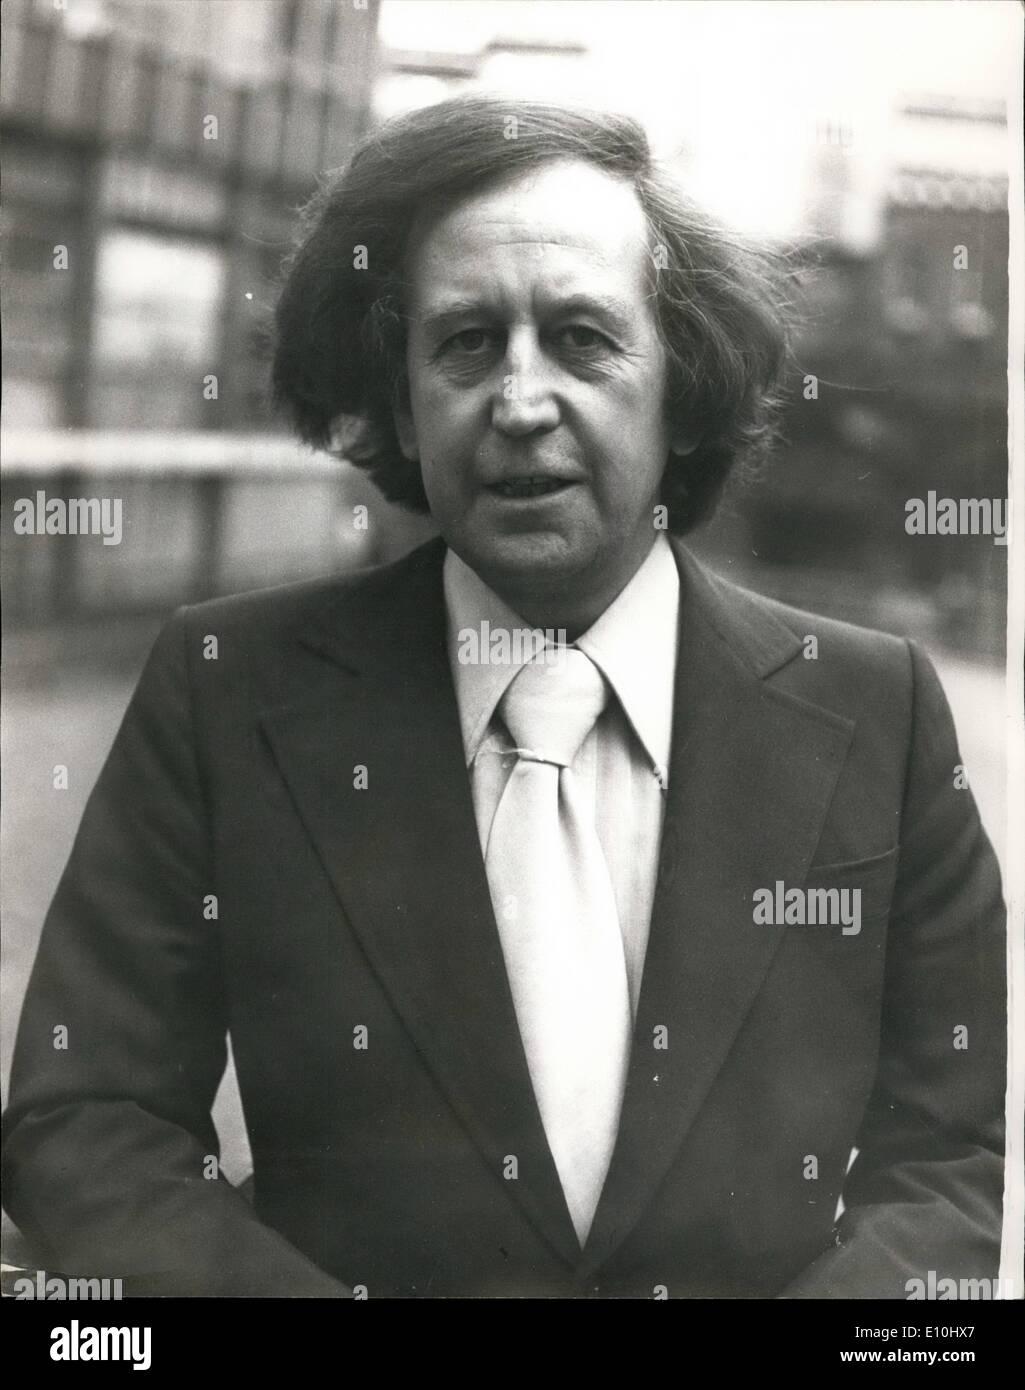 12. Dezember 1972 - zwei Männer beschuldigt der Erpressung Paul Raymond: zwei Männer erschienen im Old Bailey erpresst Paul Raymond, das Soho Strip-Club und Theater-Besitzer heute vorgeworfen. Bild zeigt: Paul Raymond abgebildet heute auf seinem Weg nach Old Bailey. Stockbild